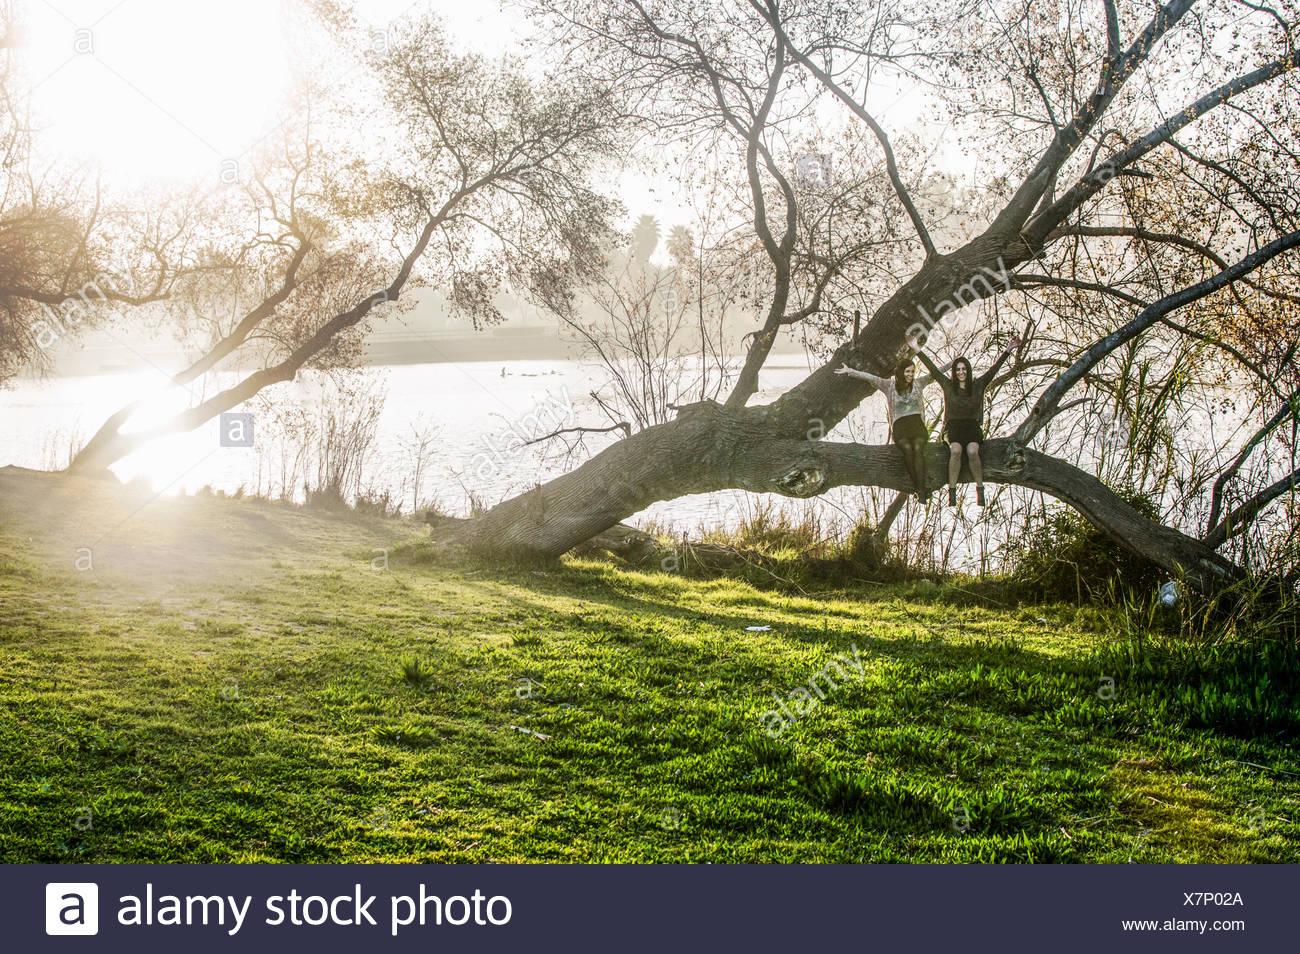 Dos jóvenes mujeres sentadas en el árbol, los brazos extendidos Imagen De Stock